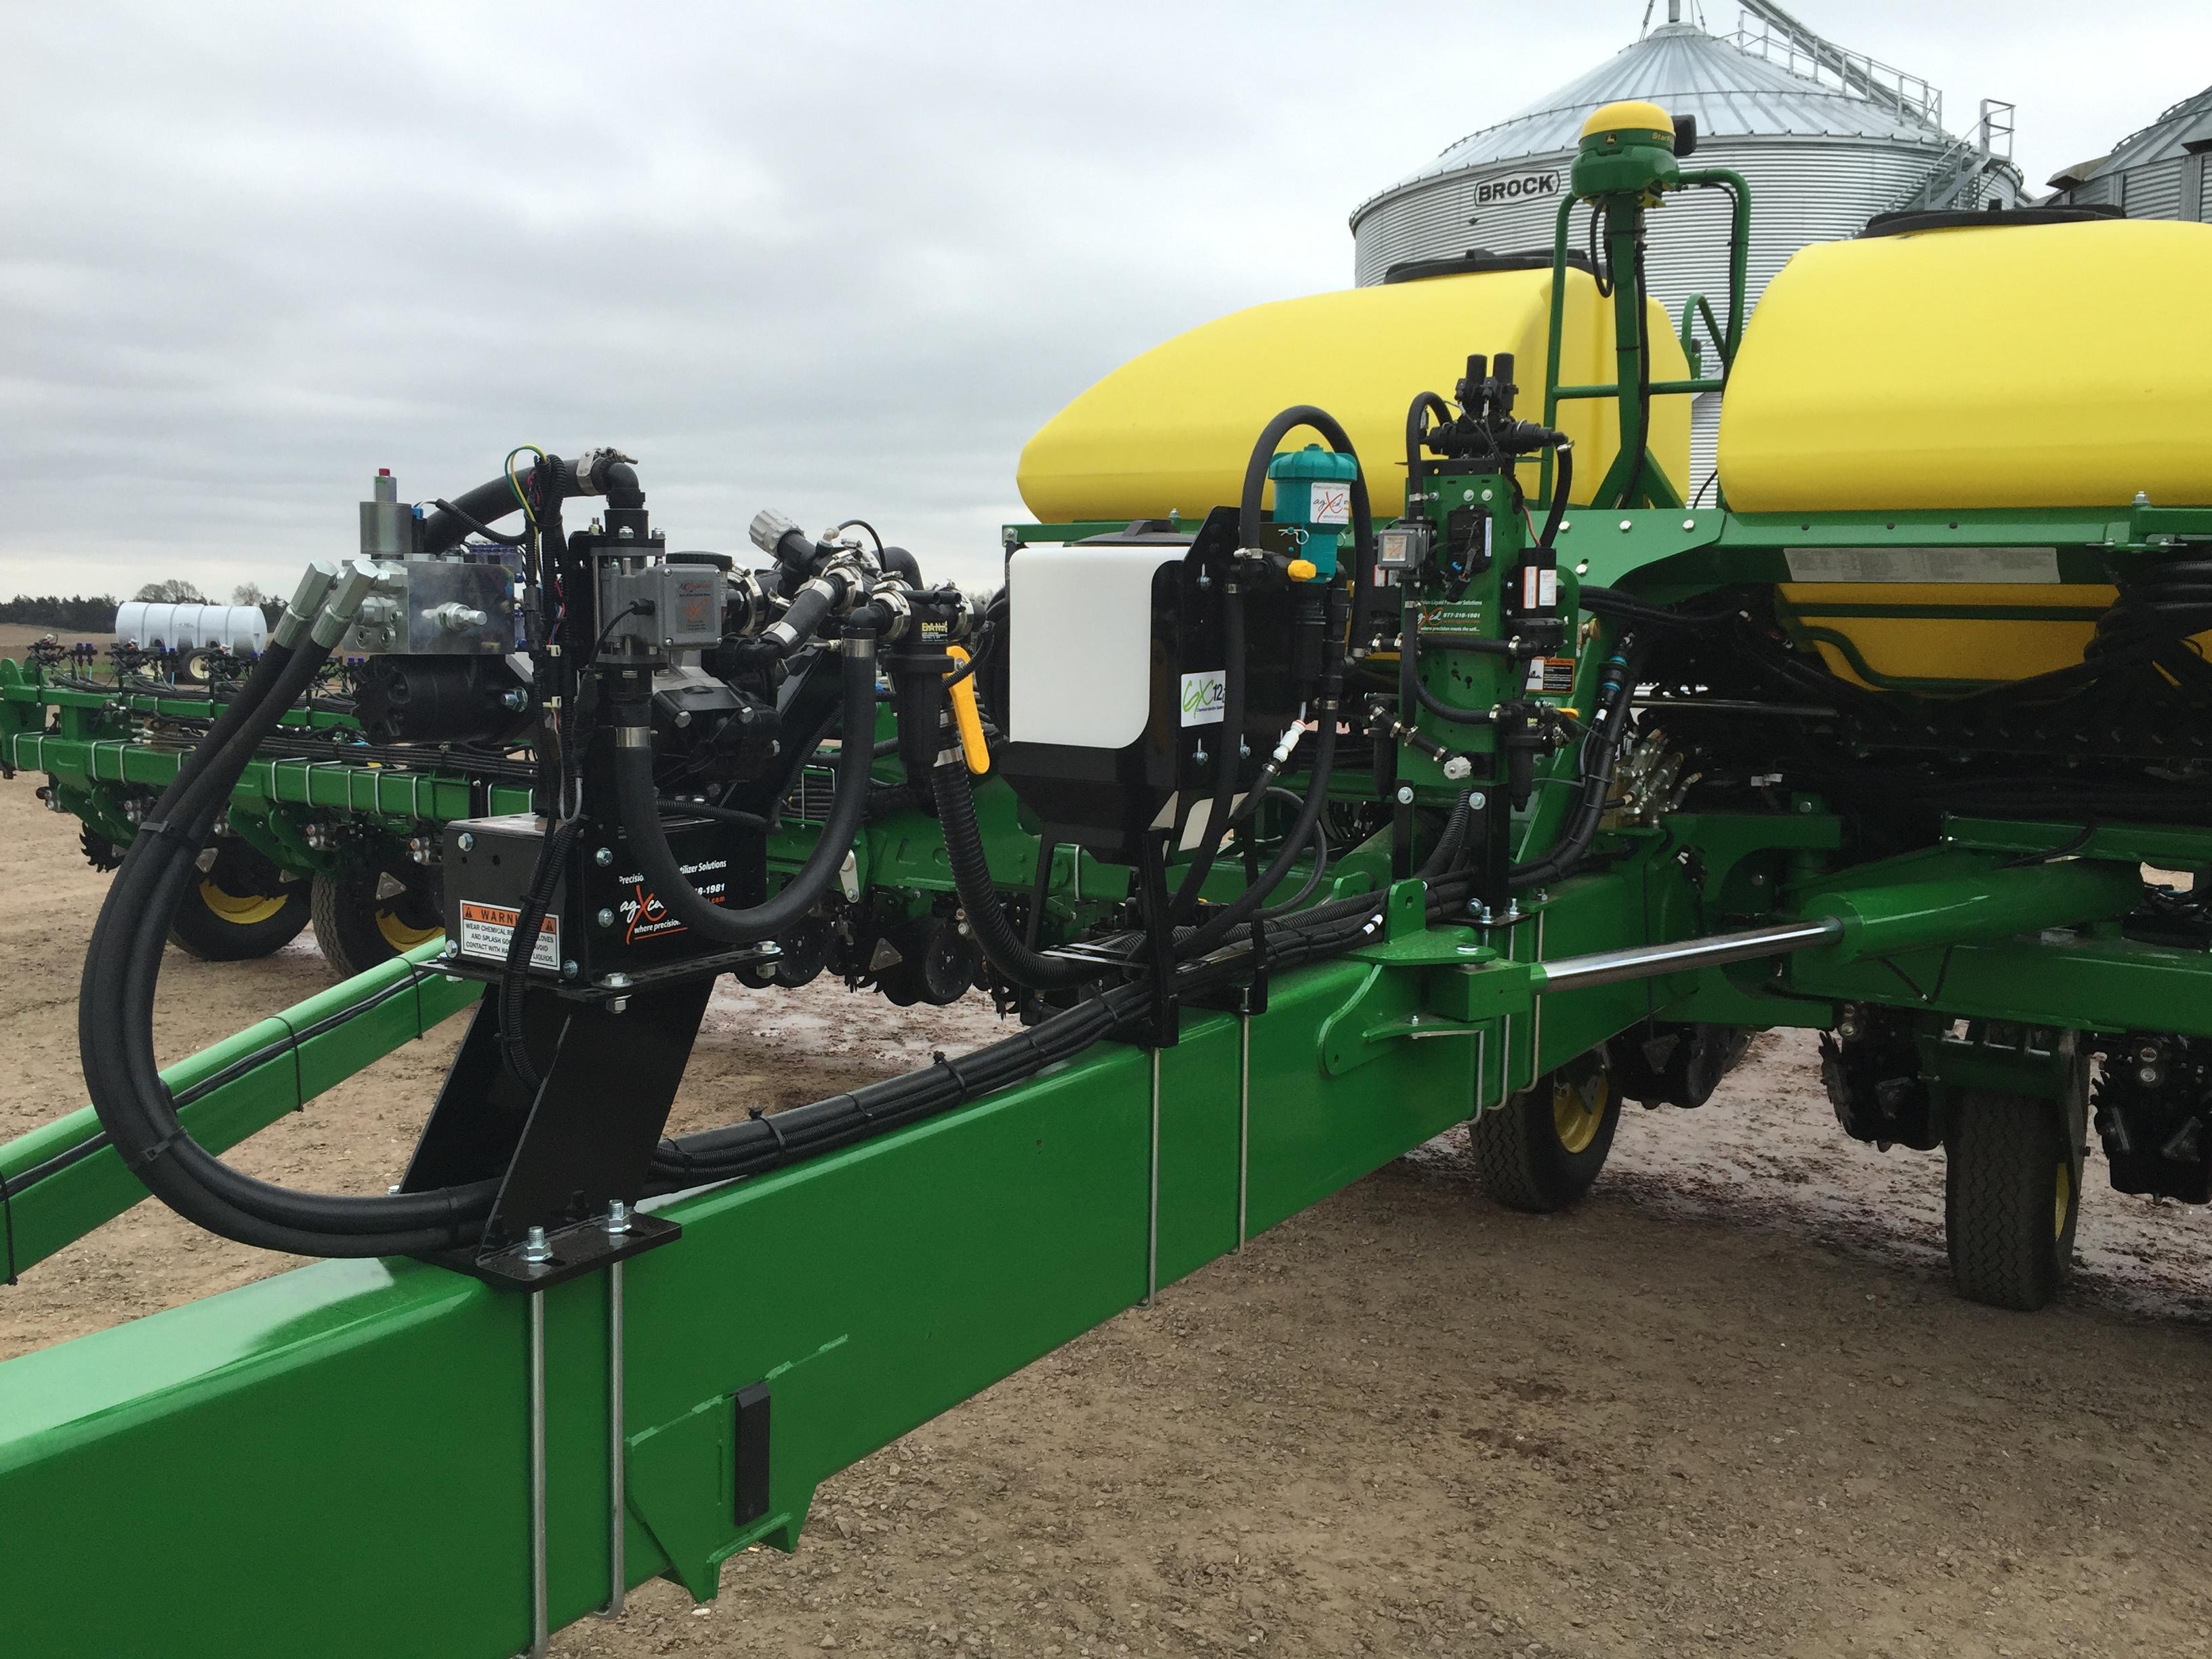 GX5, GX2 and GX12i on Planter #2